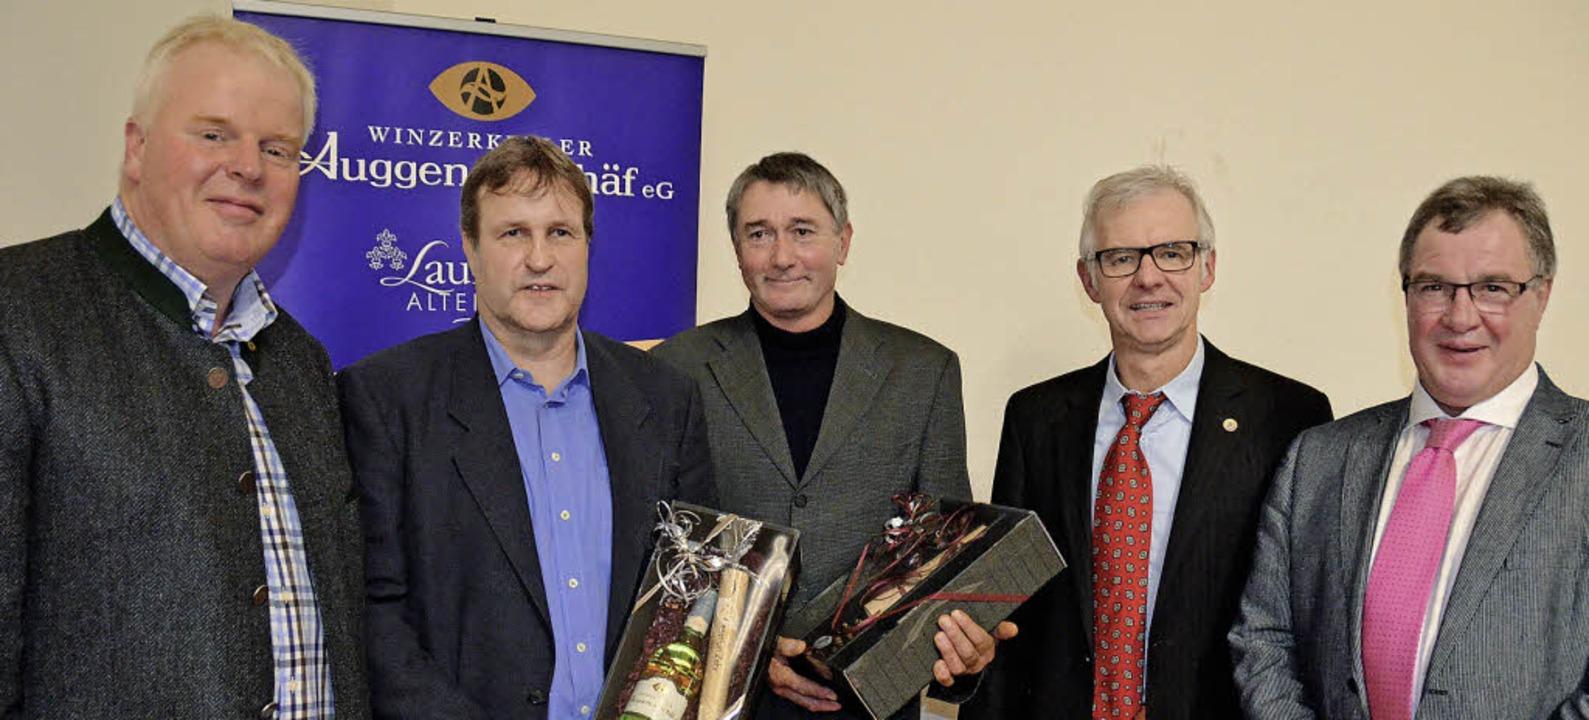 Jürgen Gugelmeier, Christian Zehr, Wol...Basler und Gundram Dreher (von links)   | Foto: Umiger